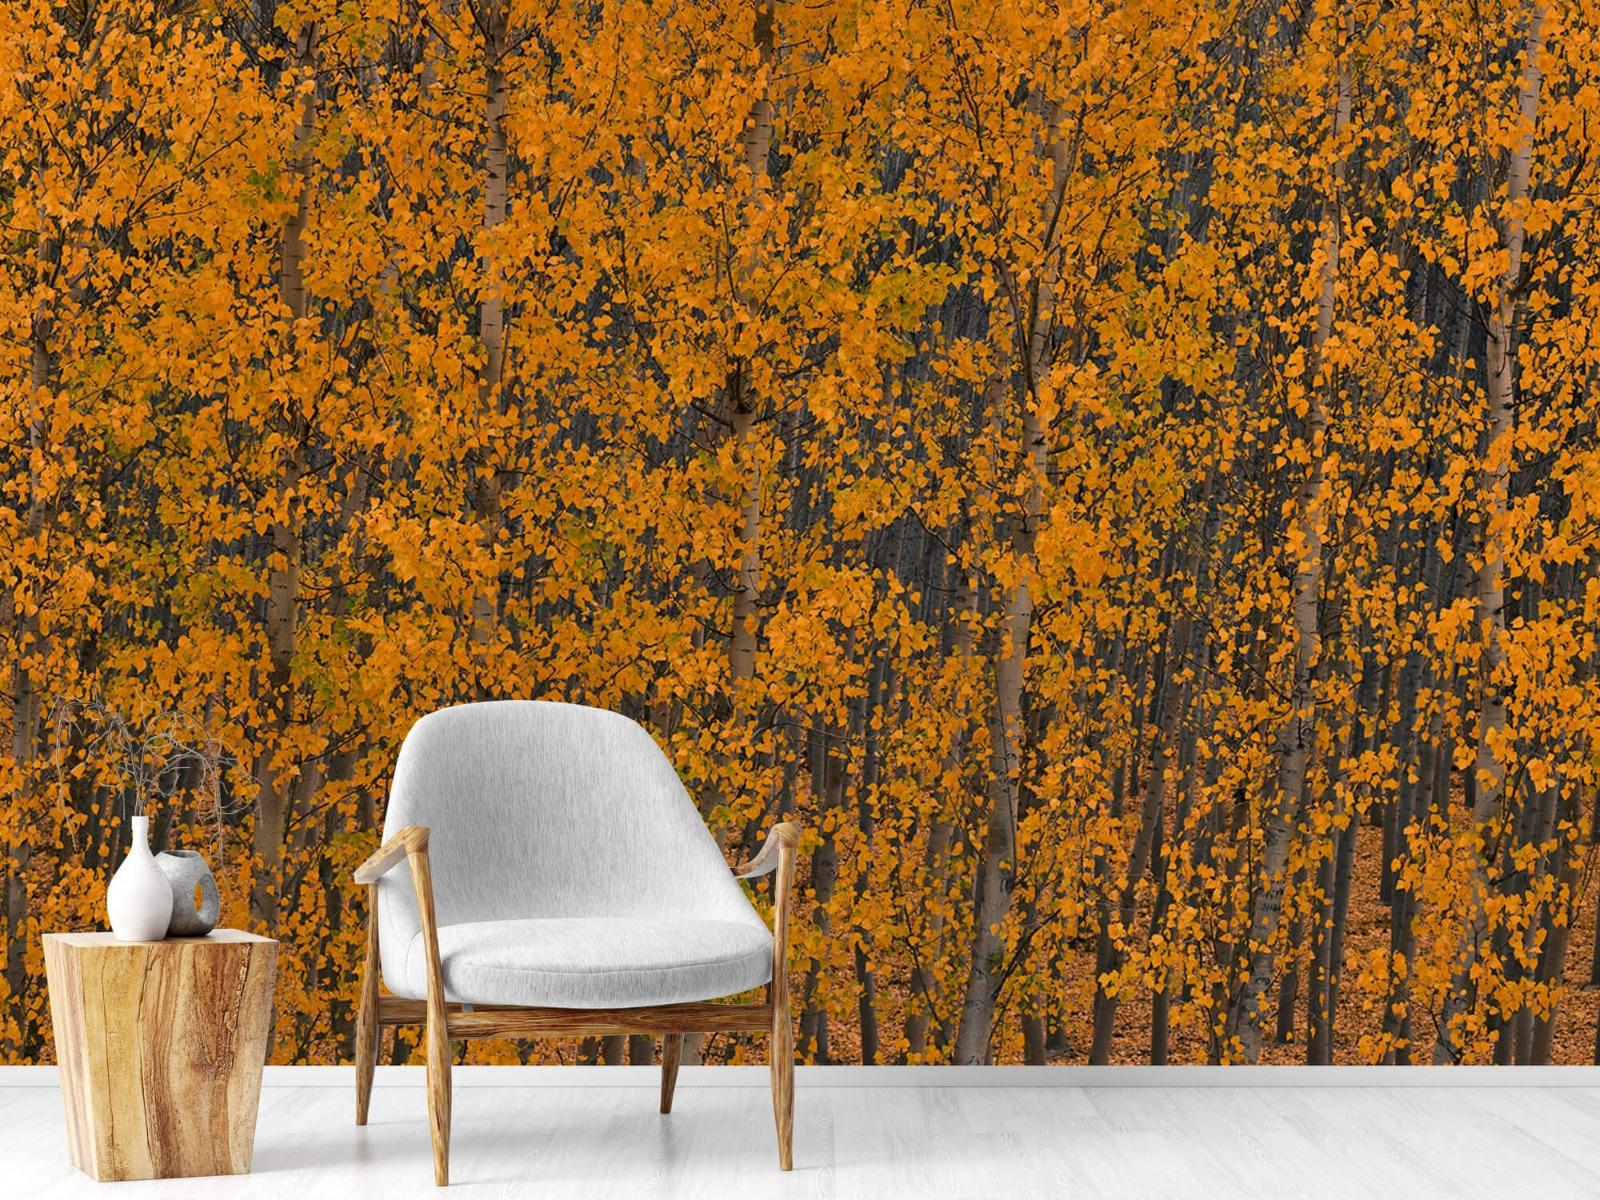 Herfst - Populieren bos - Slaapkamer 18